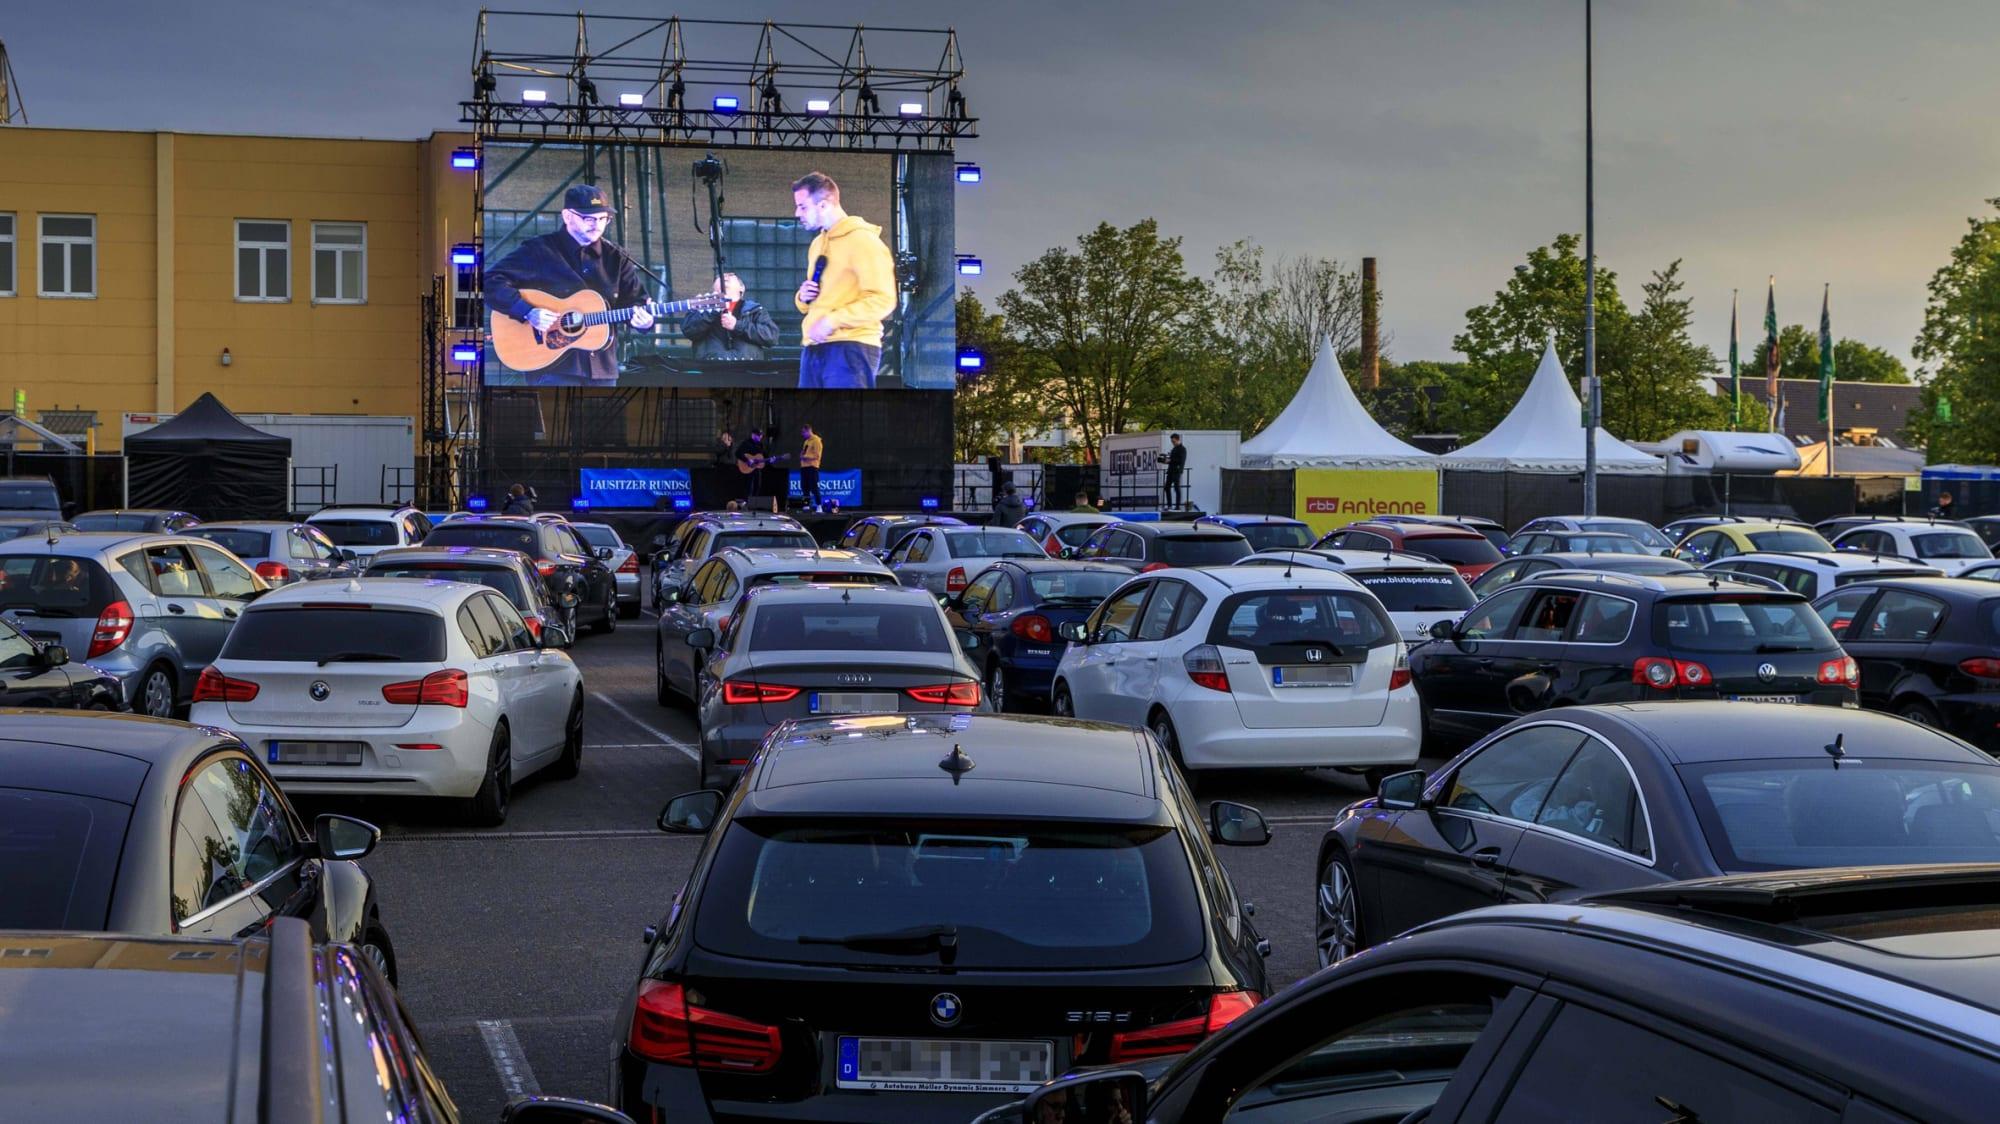 Beim Besuch im Autokino, wie hier in Cottbus, sollten Licht und Klimaanlage ausgeschaltet sein um die Batterie zu schonen